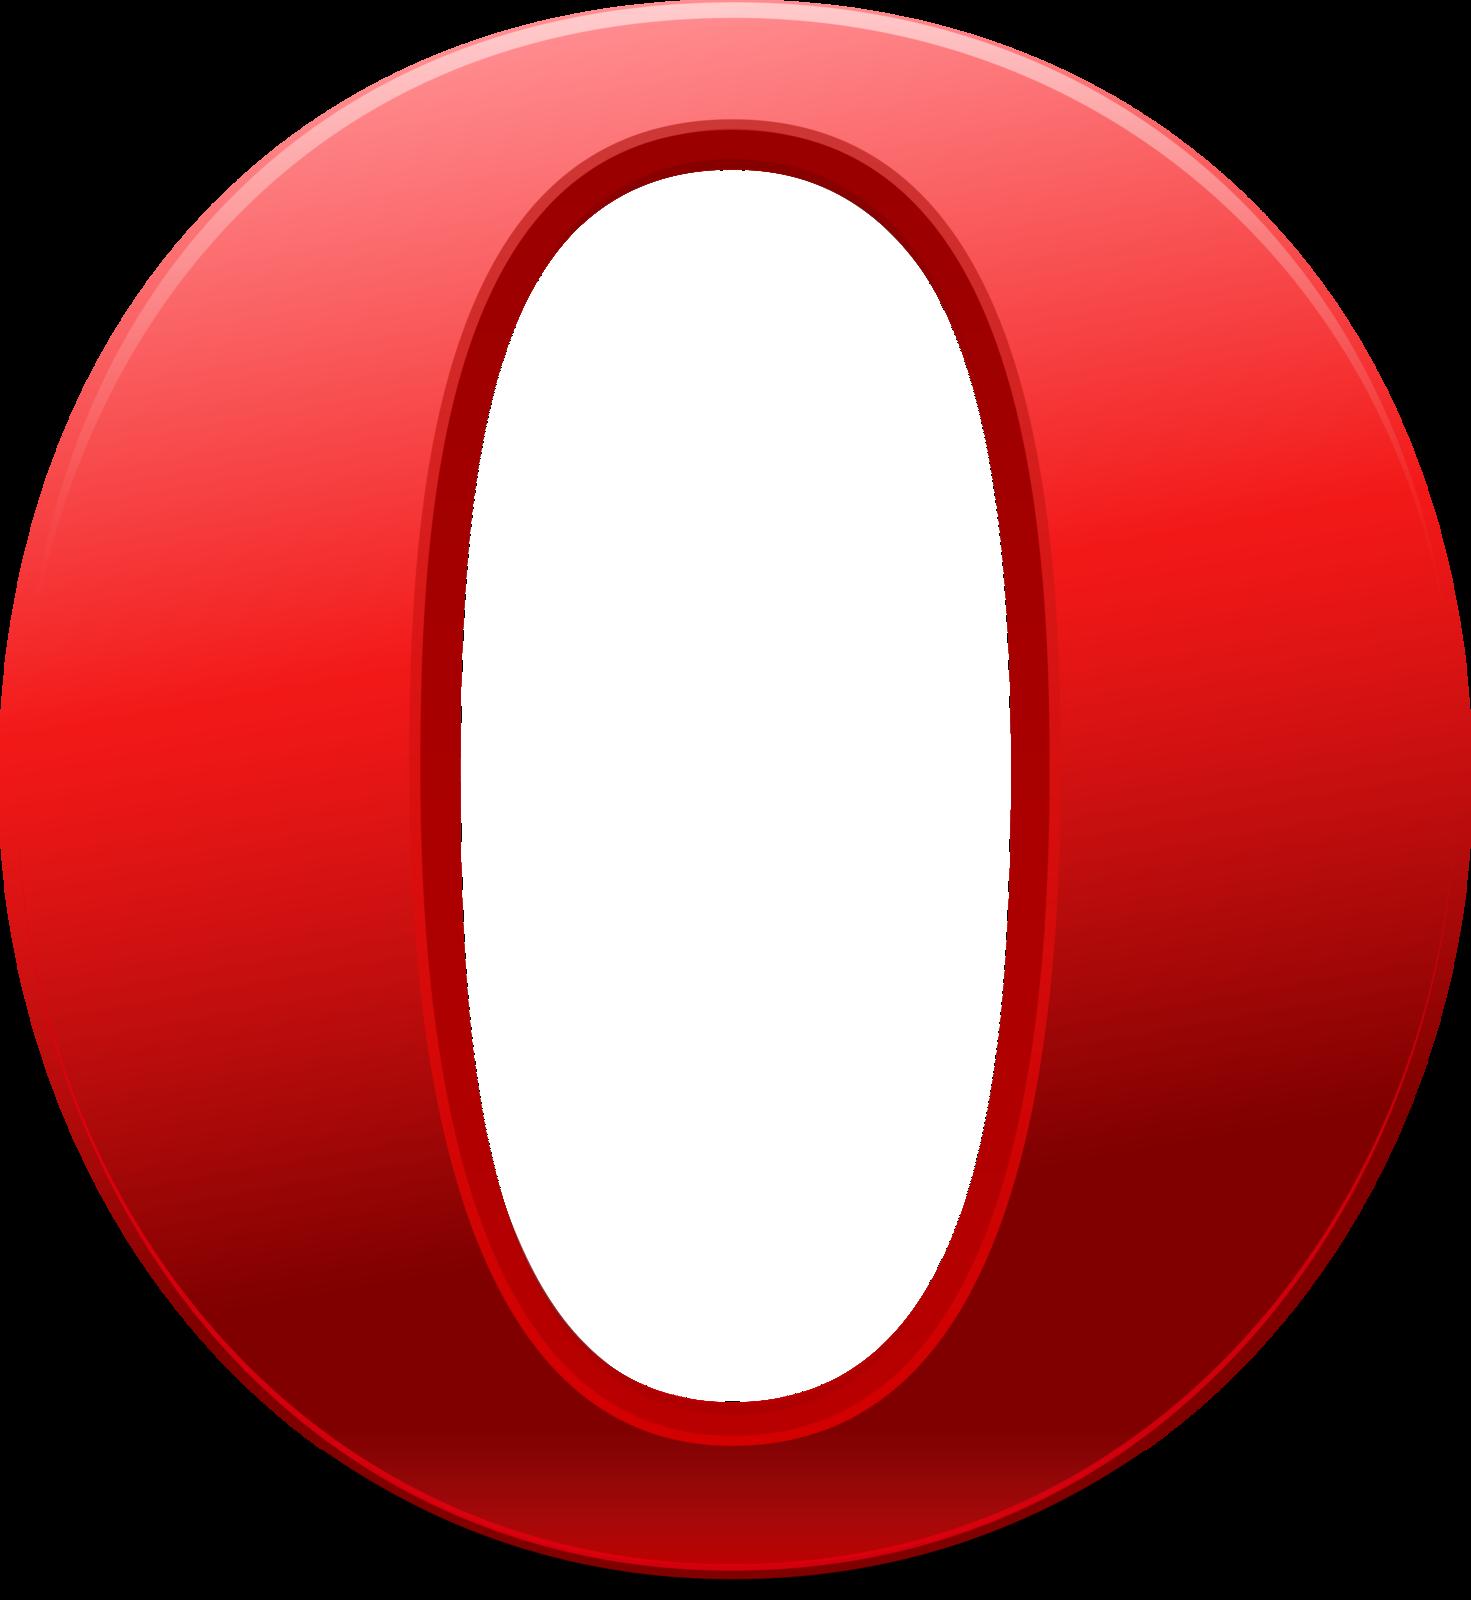 Opera Logos Png Images Free Download - Opera Logo PNG